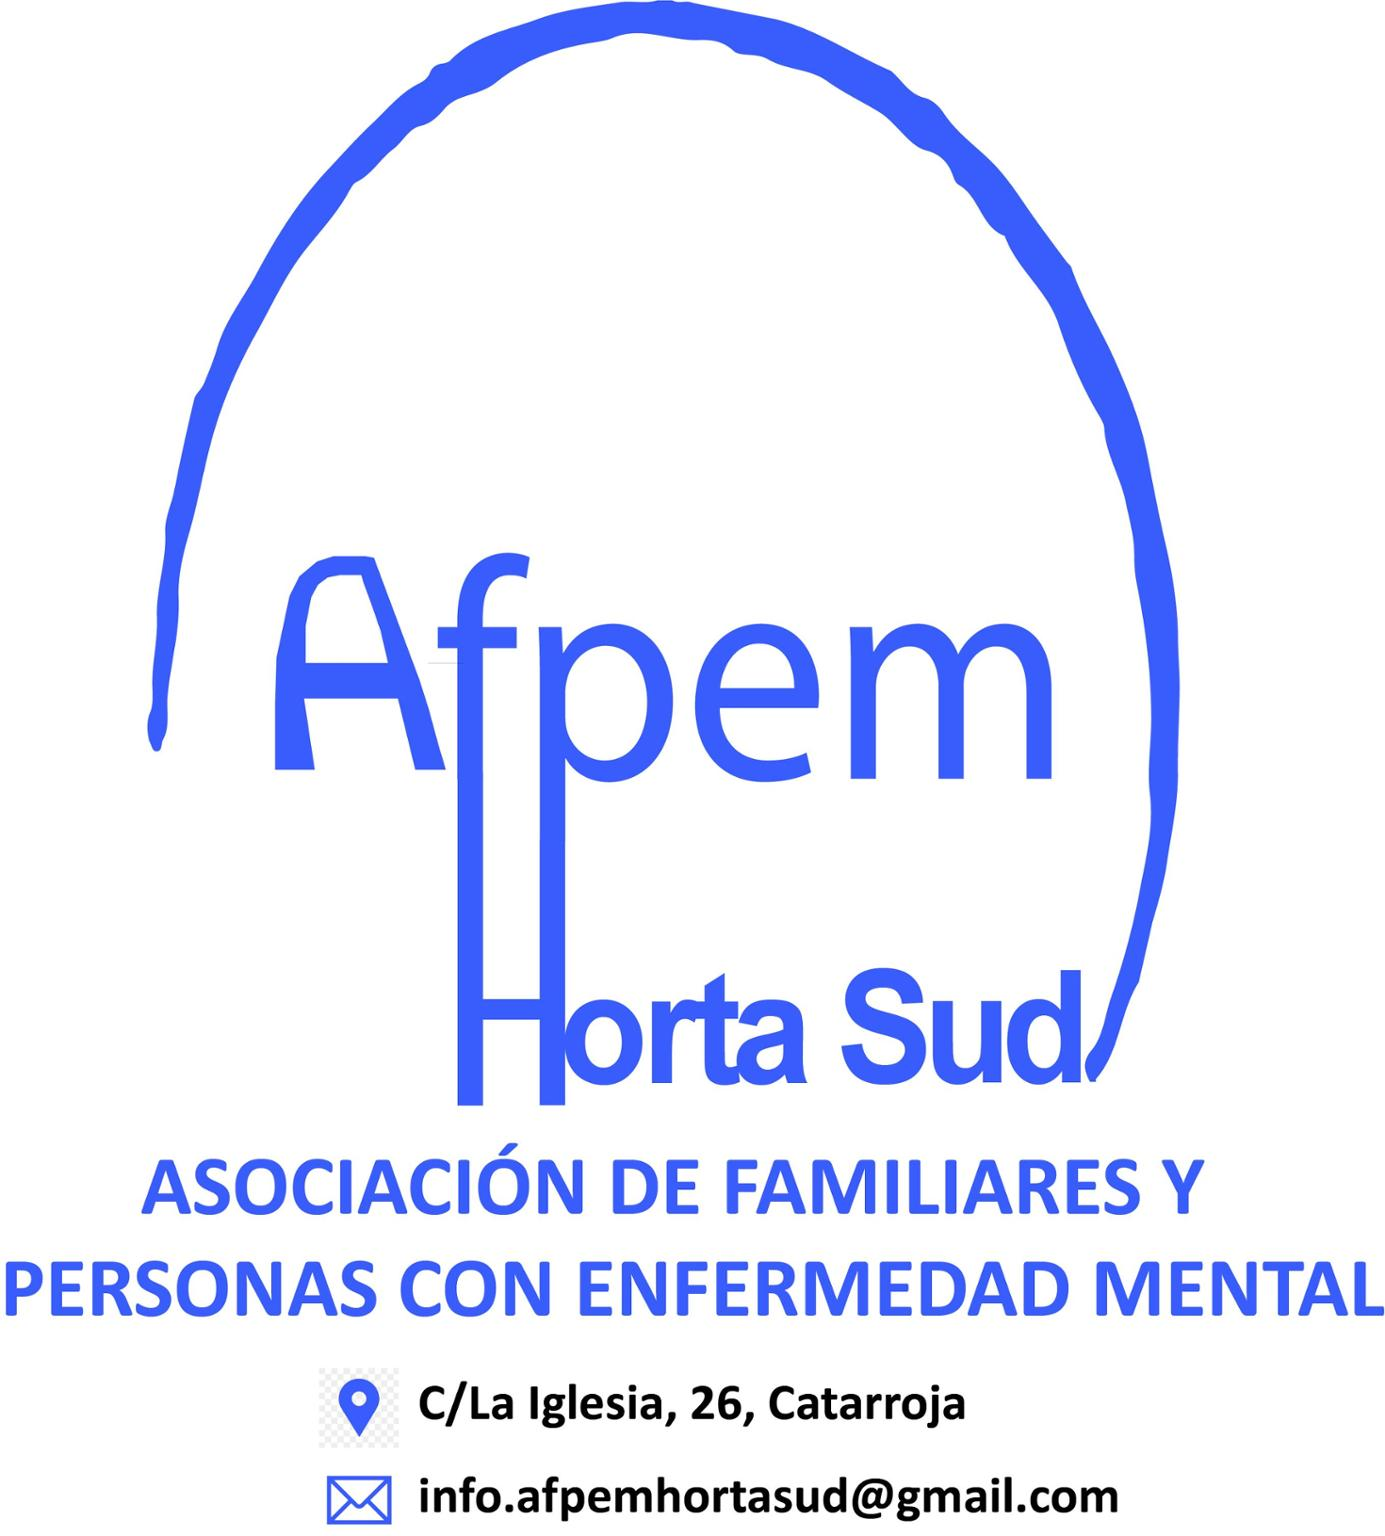 ASOCIACIÓN DE FAMILIARES Y PERSONAS CON ENFERMEDAD MENTAL (AFPEM HORTA SUD)